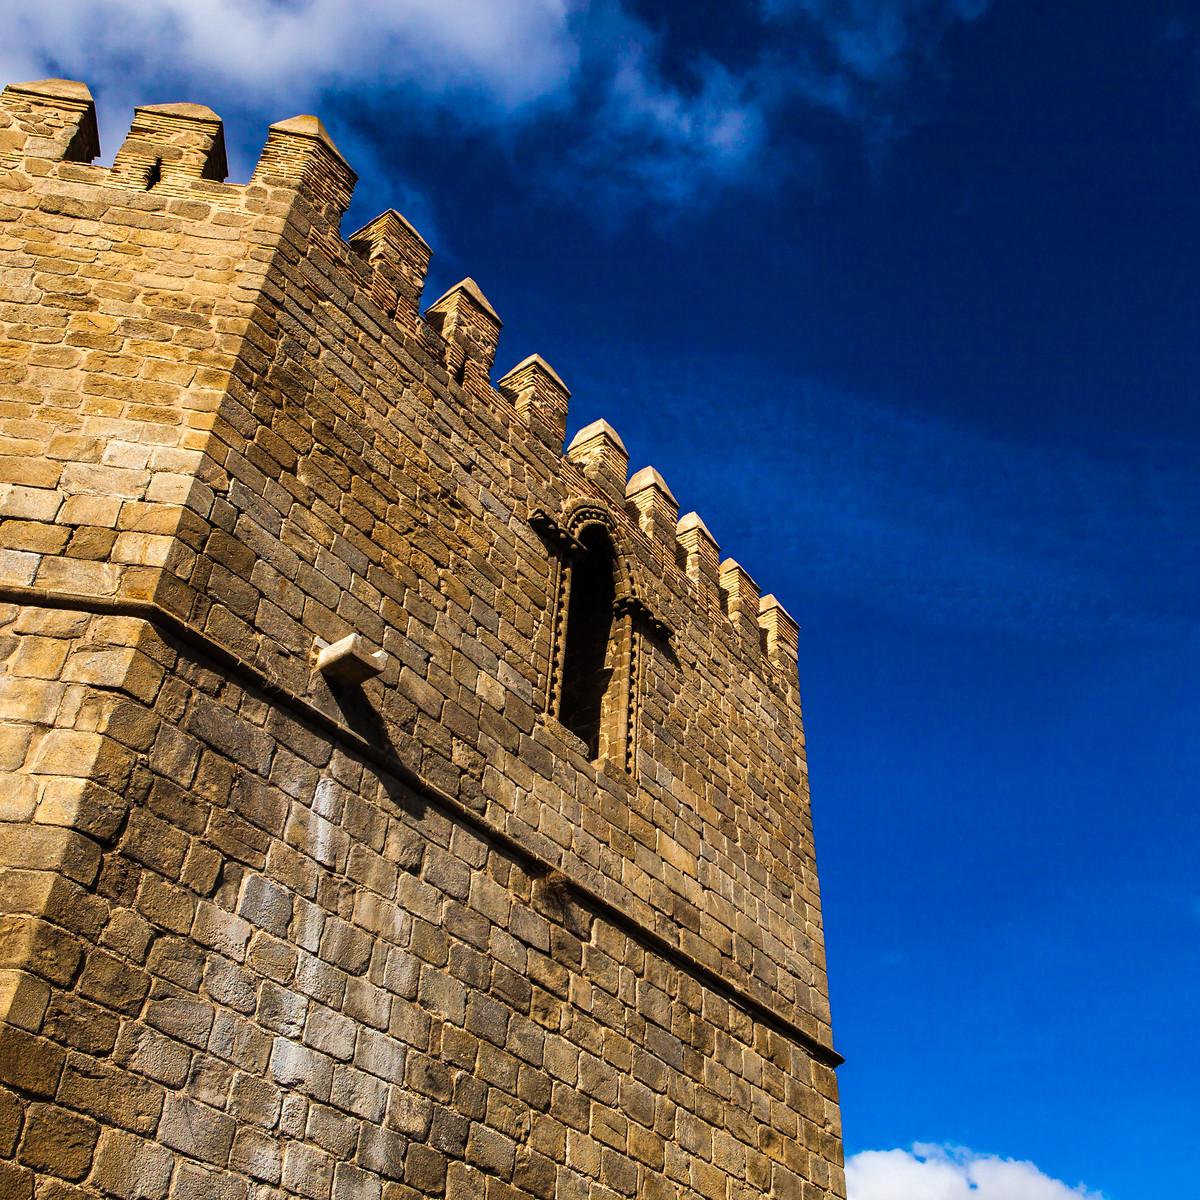 西班牙小鎮的古建築,走近看一看_圖1-10